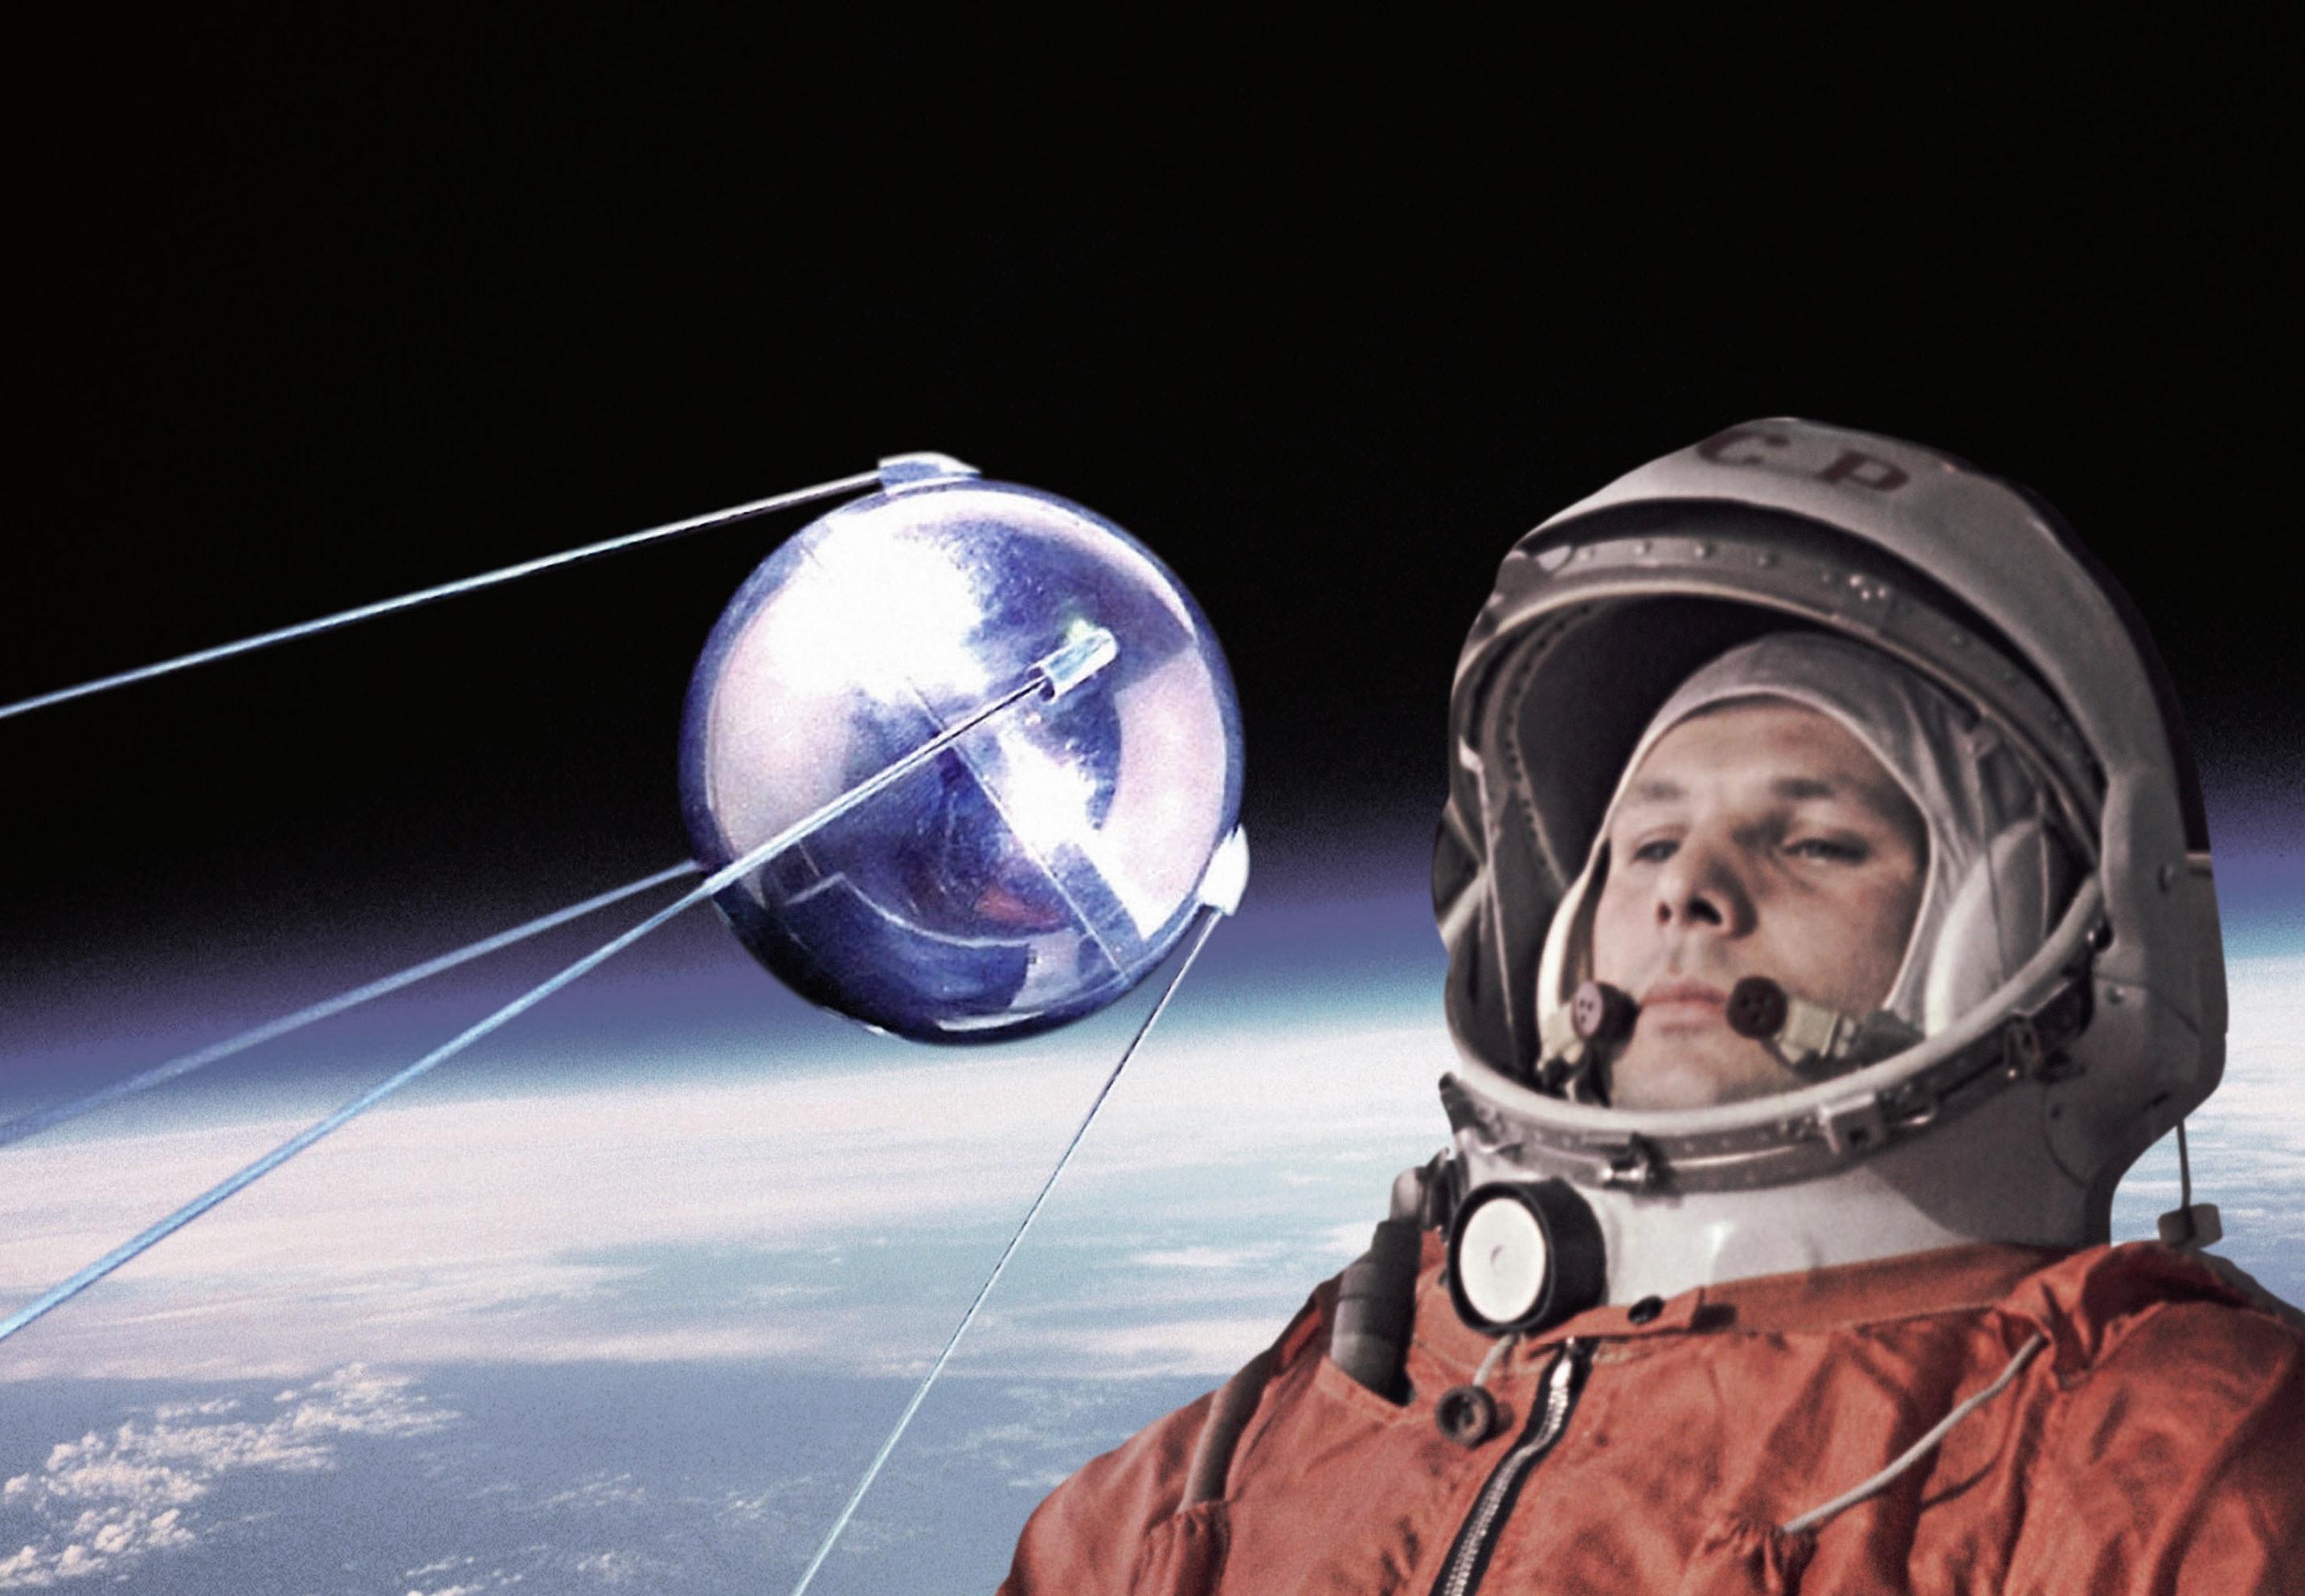 Ryska sputnik visade vagen